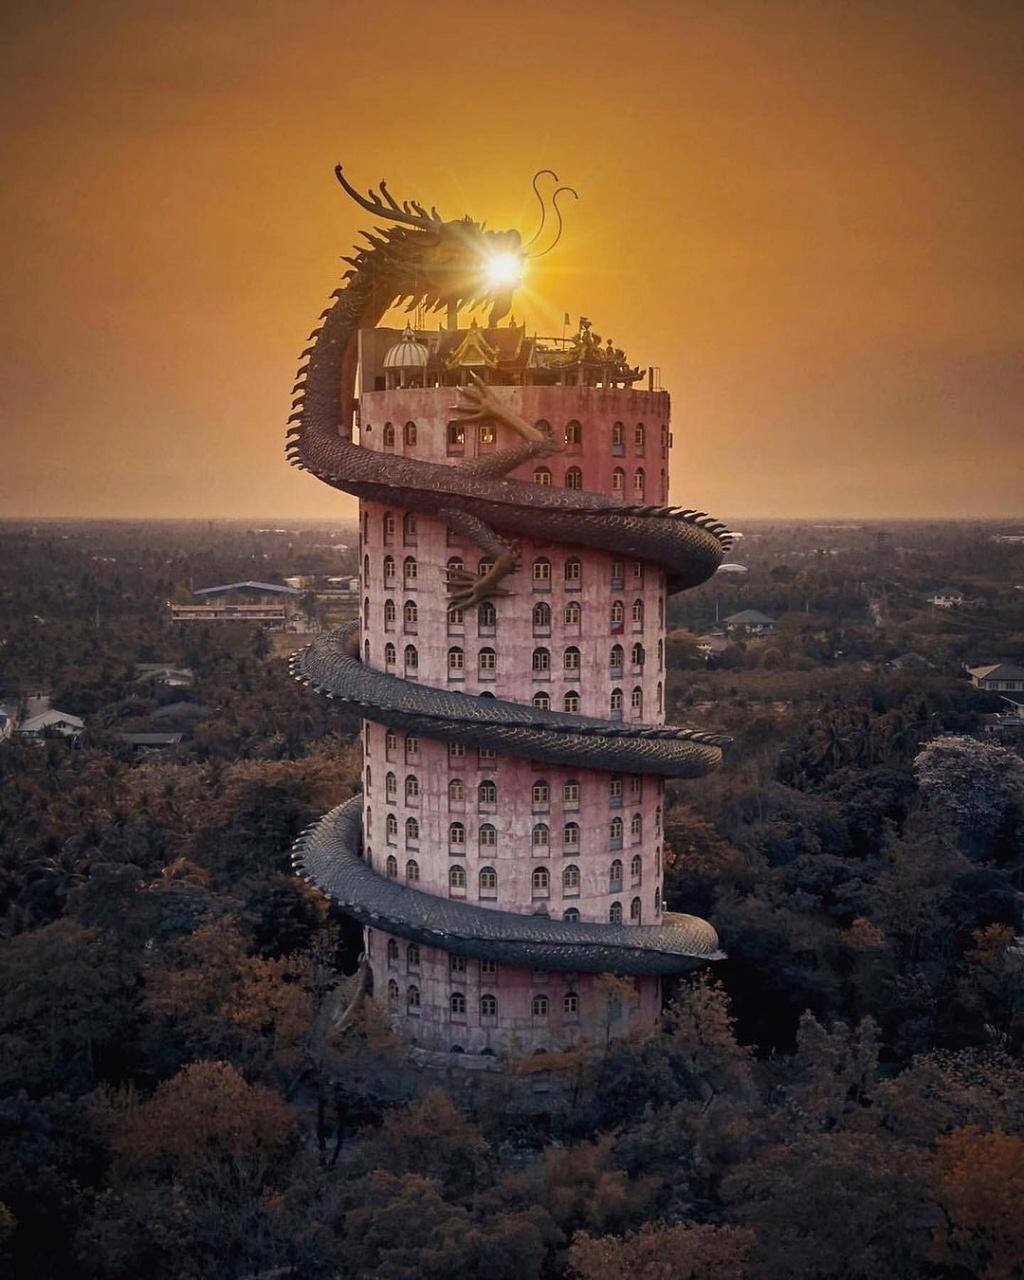 Bí ẩn đằng sau ngôi chùa hồng có rồng khổng lồ quấn quanh - Địa ...